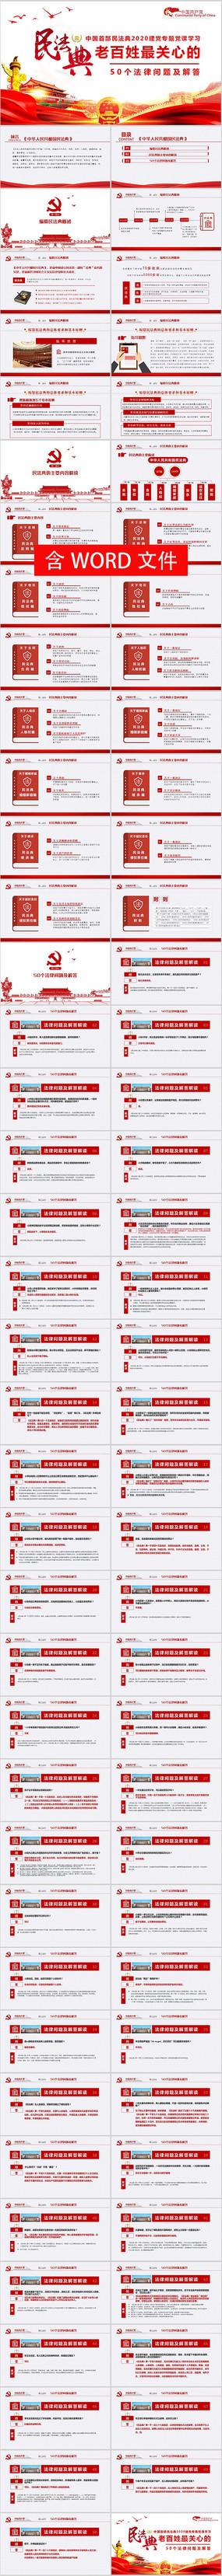 学习解读中华人民共和国民法典亮点解读PPT